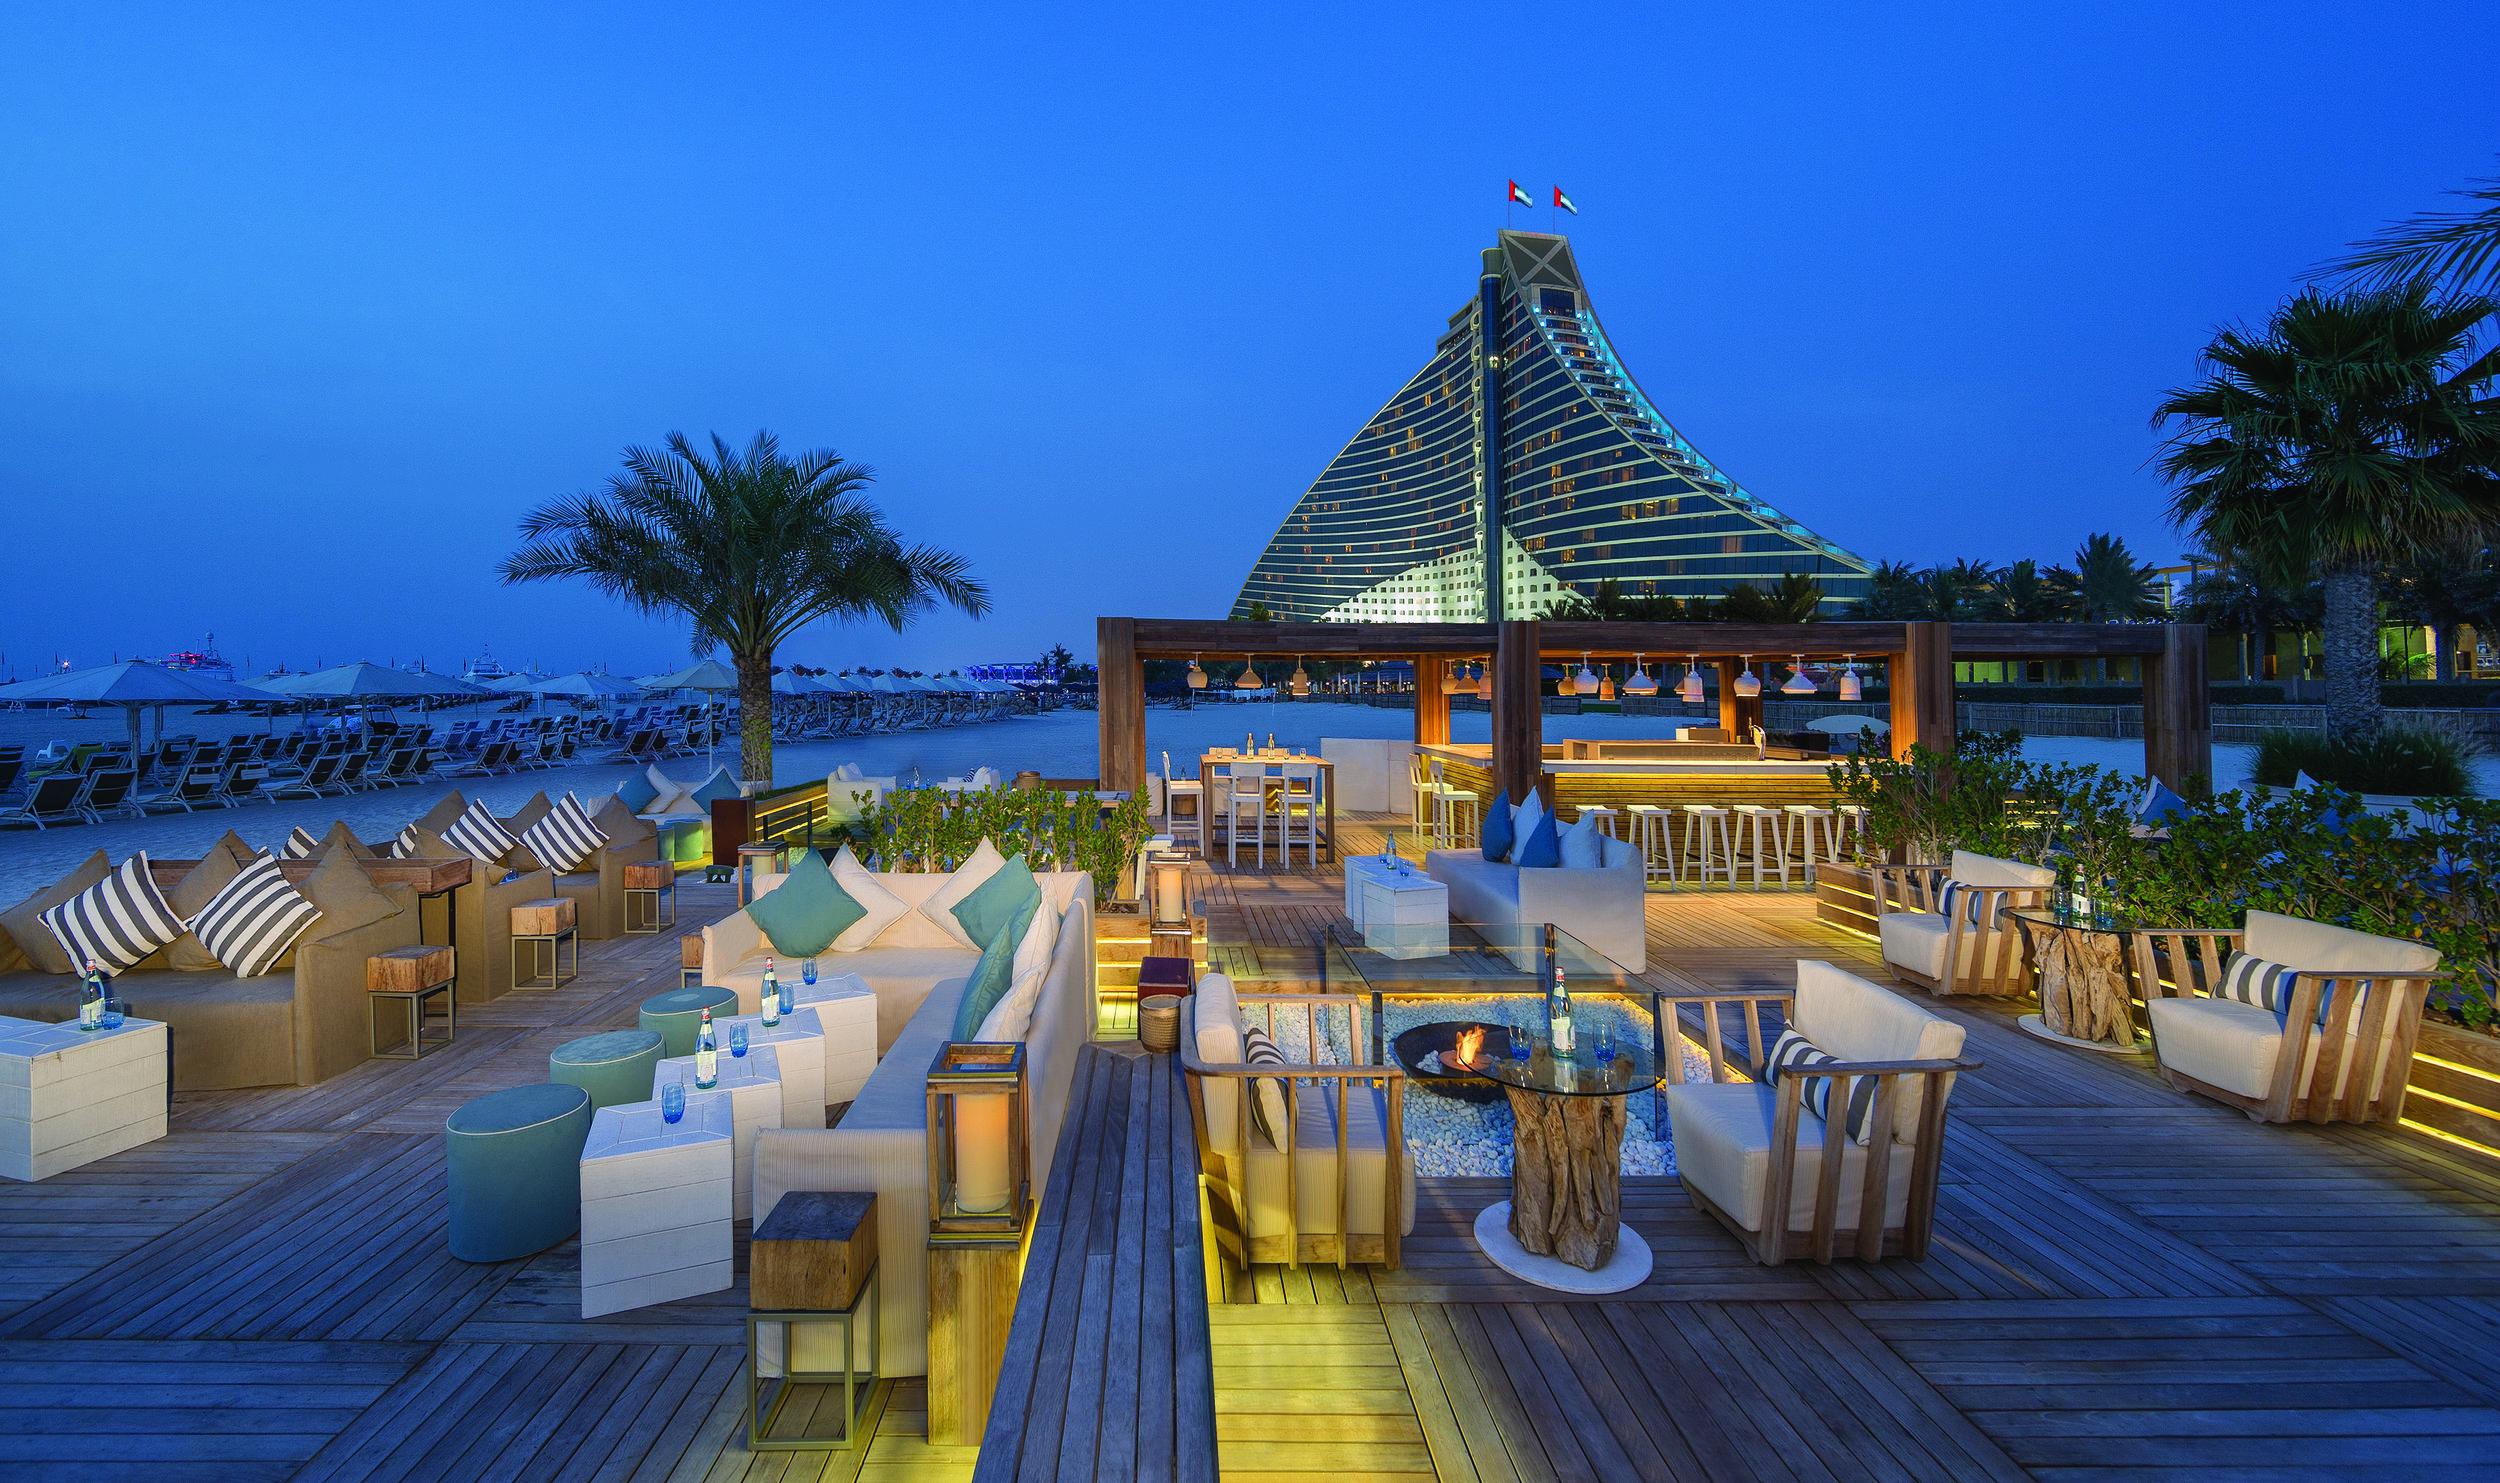 Jumeirah Beach Hotel -  Beach Lounge with Jumeirah Beach Hotel.jpg